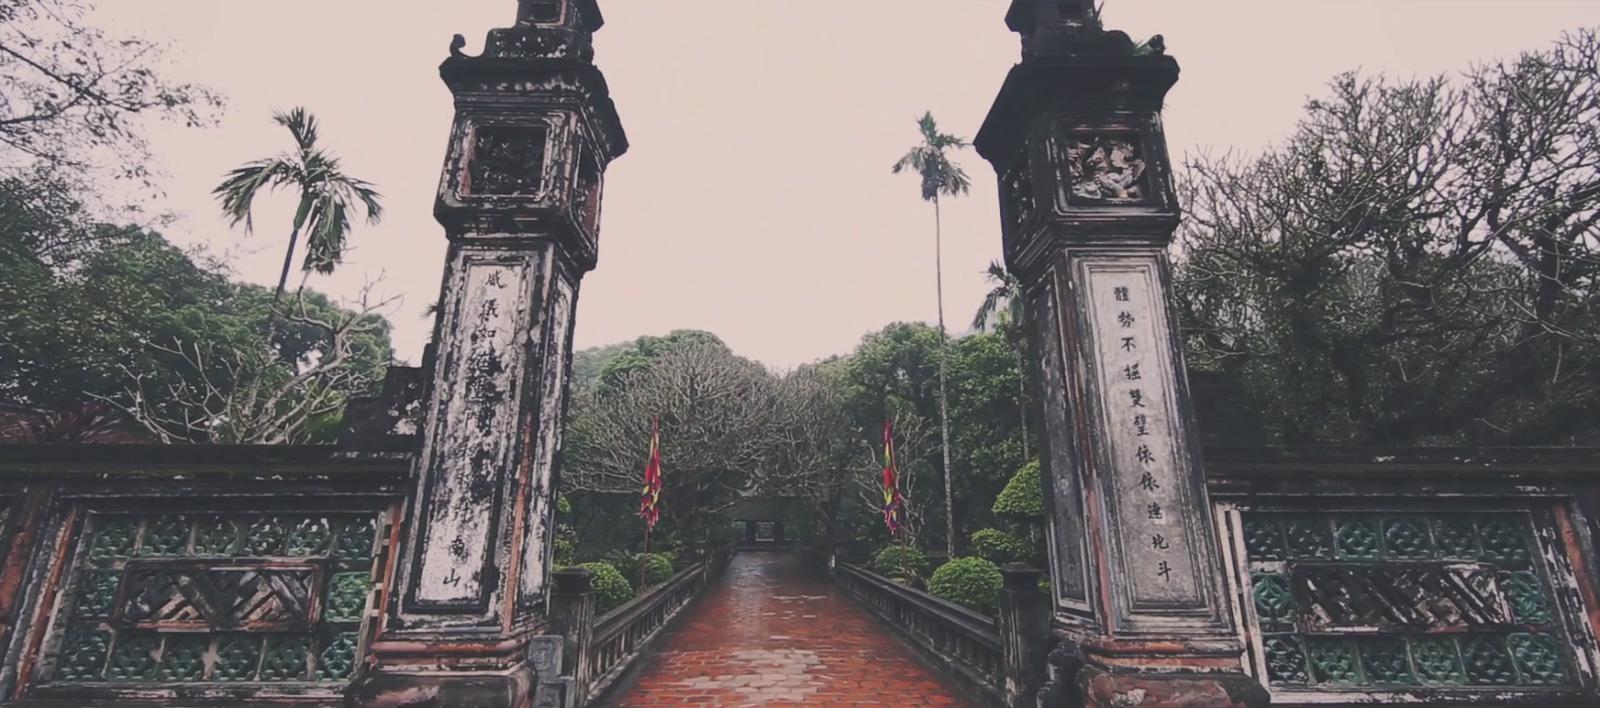 Somewhere_In_Vietnam-Menassier_gabriel-6